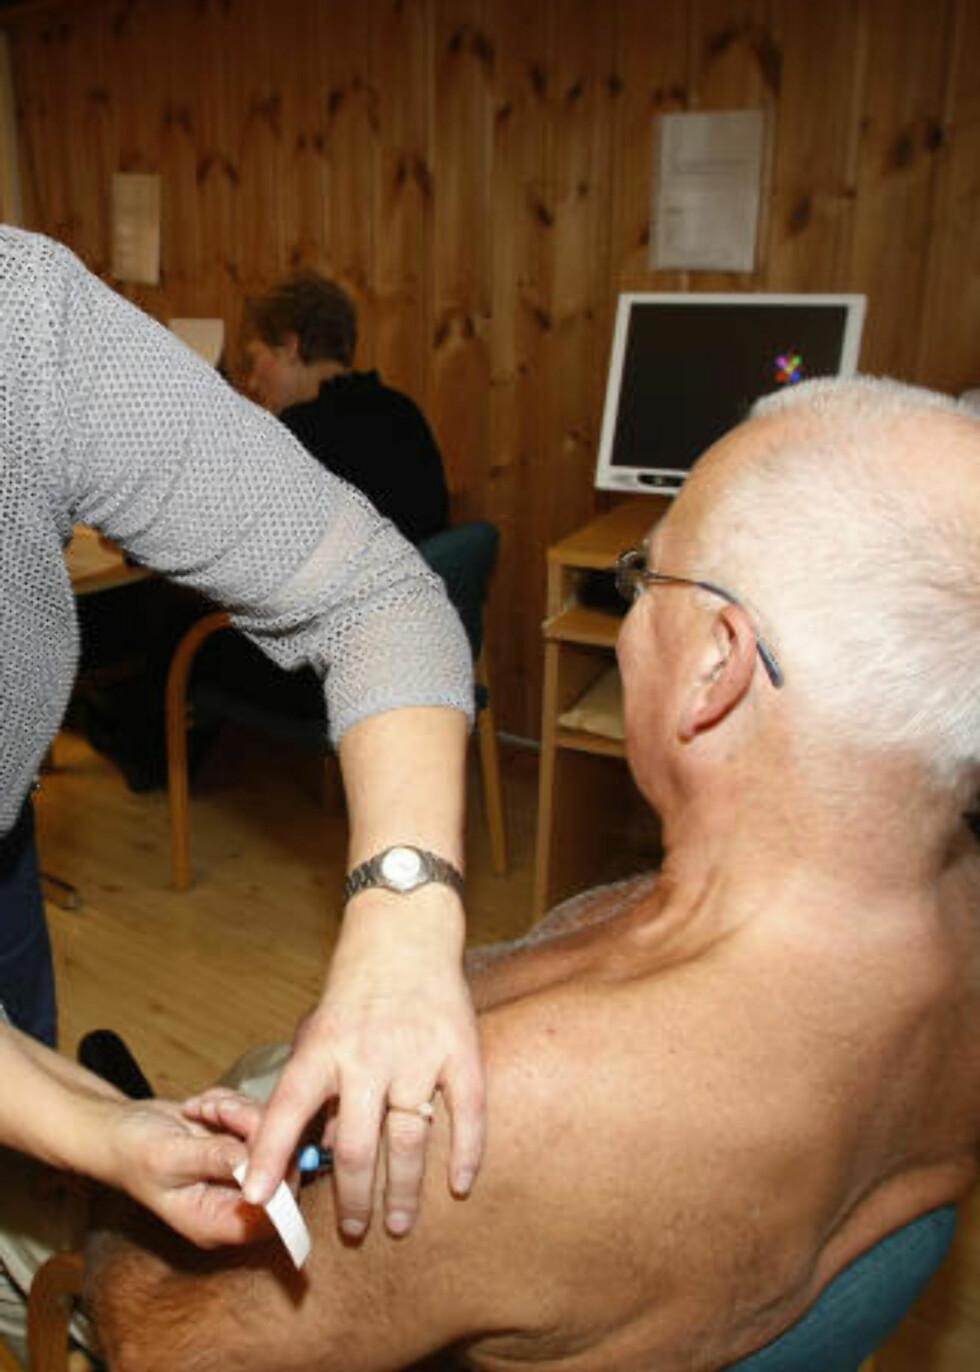 MENER VAKSINASJON ER FARLIG: Kveldens fakkeltog tror ikke helsemyndighetene spiller med åpne kort om vaksinen. Her får Steinar Bøye (75), en av flere hundre, influensavaksine på Stovner elderesenter onsdag. Foto: Morten Holm / SCANPIX .